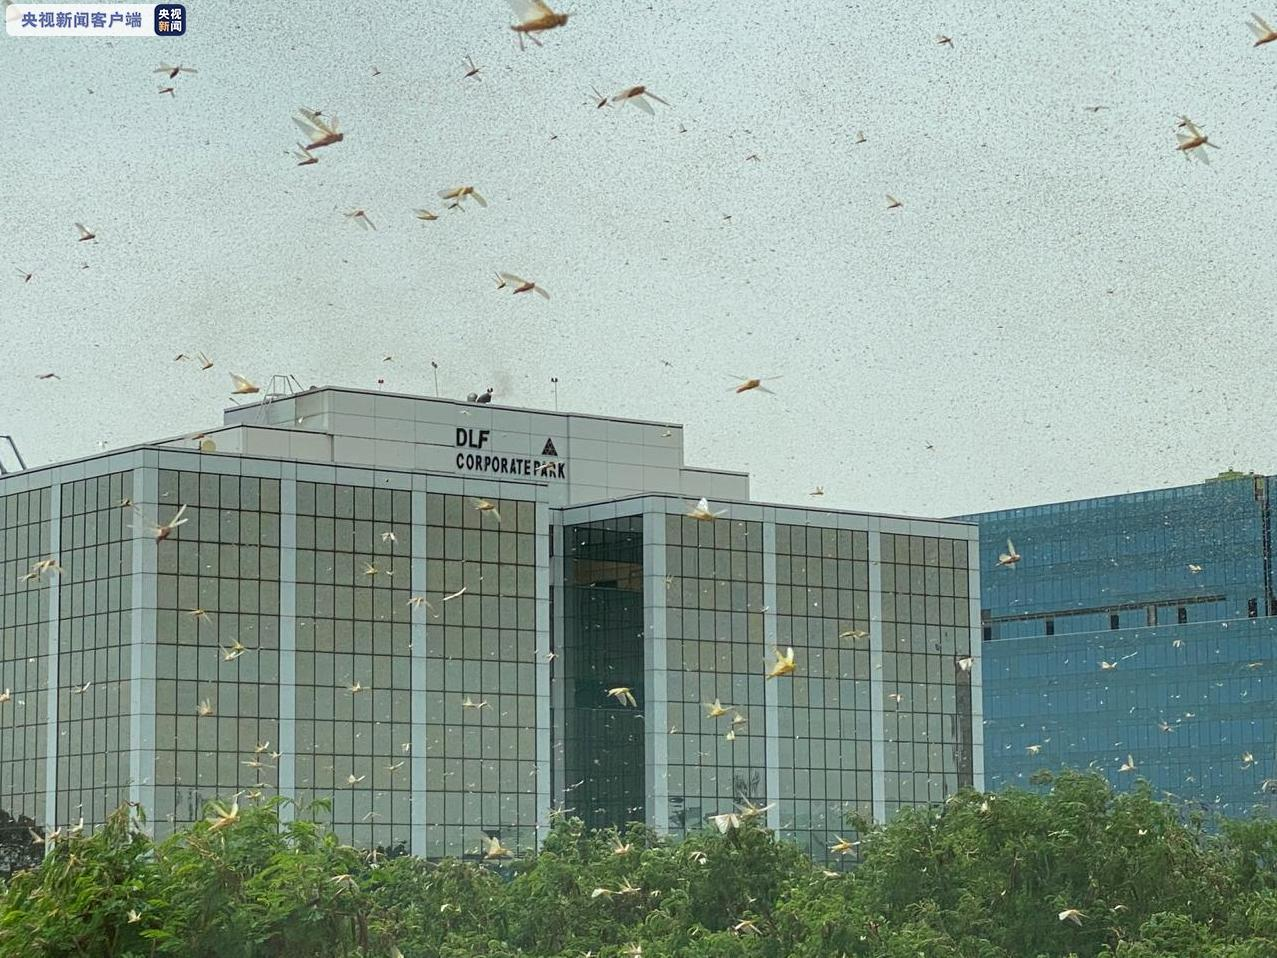 T1期货新闻网:印度首都多地出现大量蝗虫群 政府高度戒备